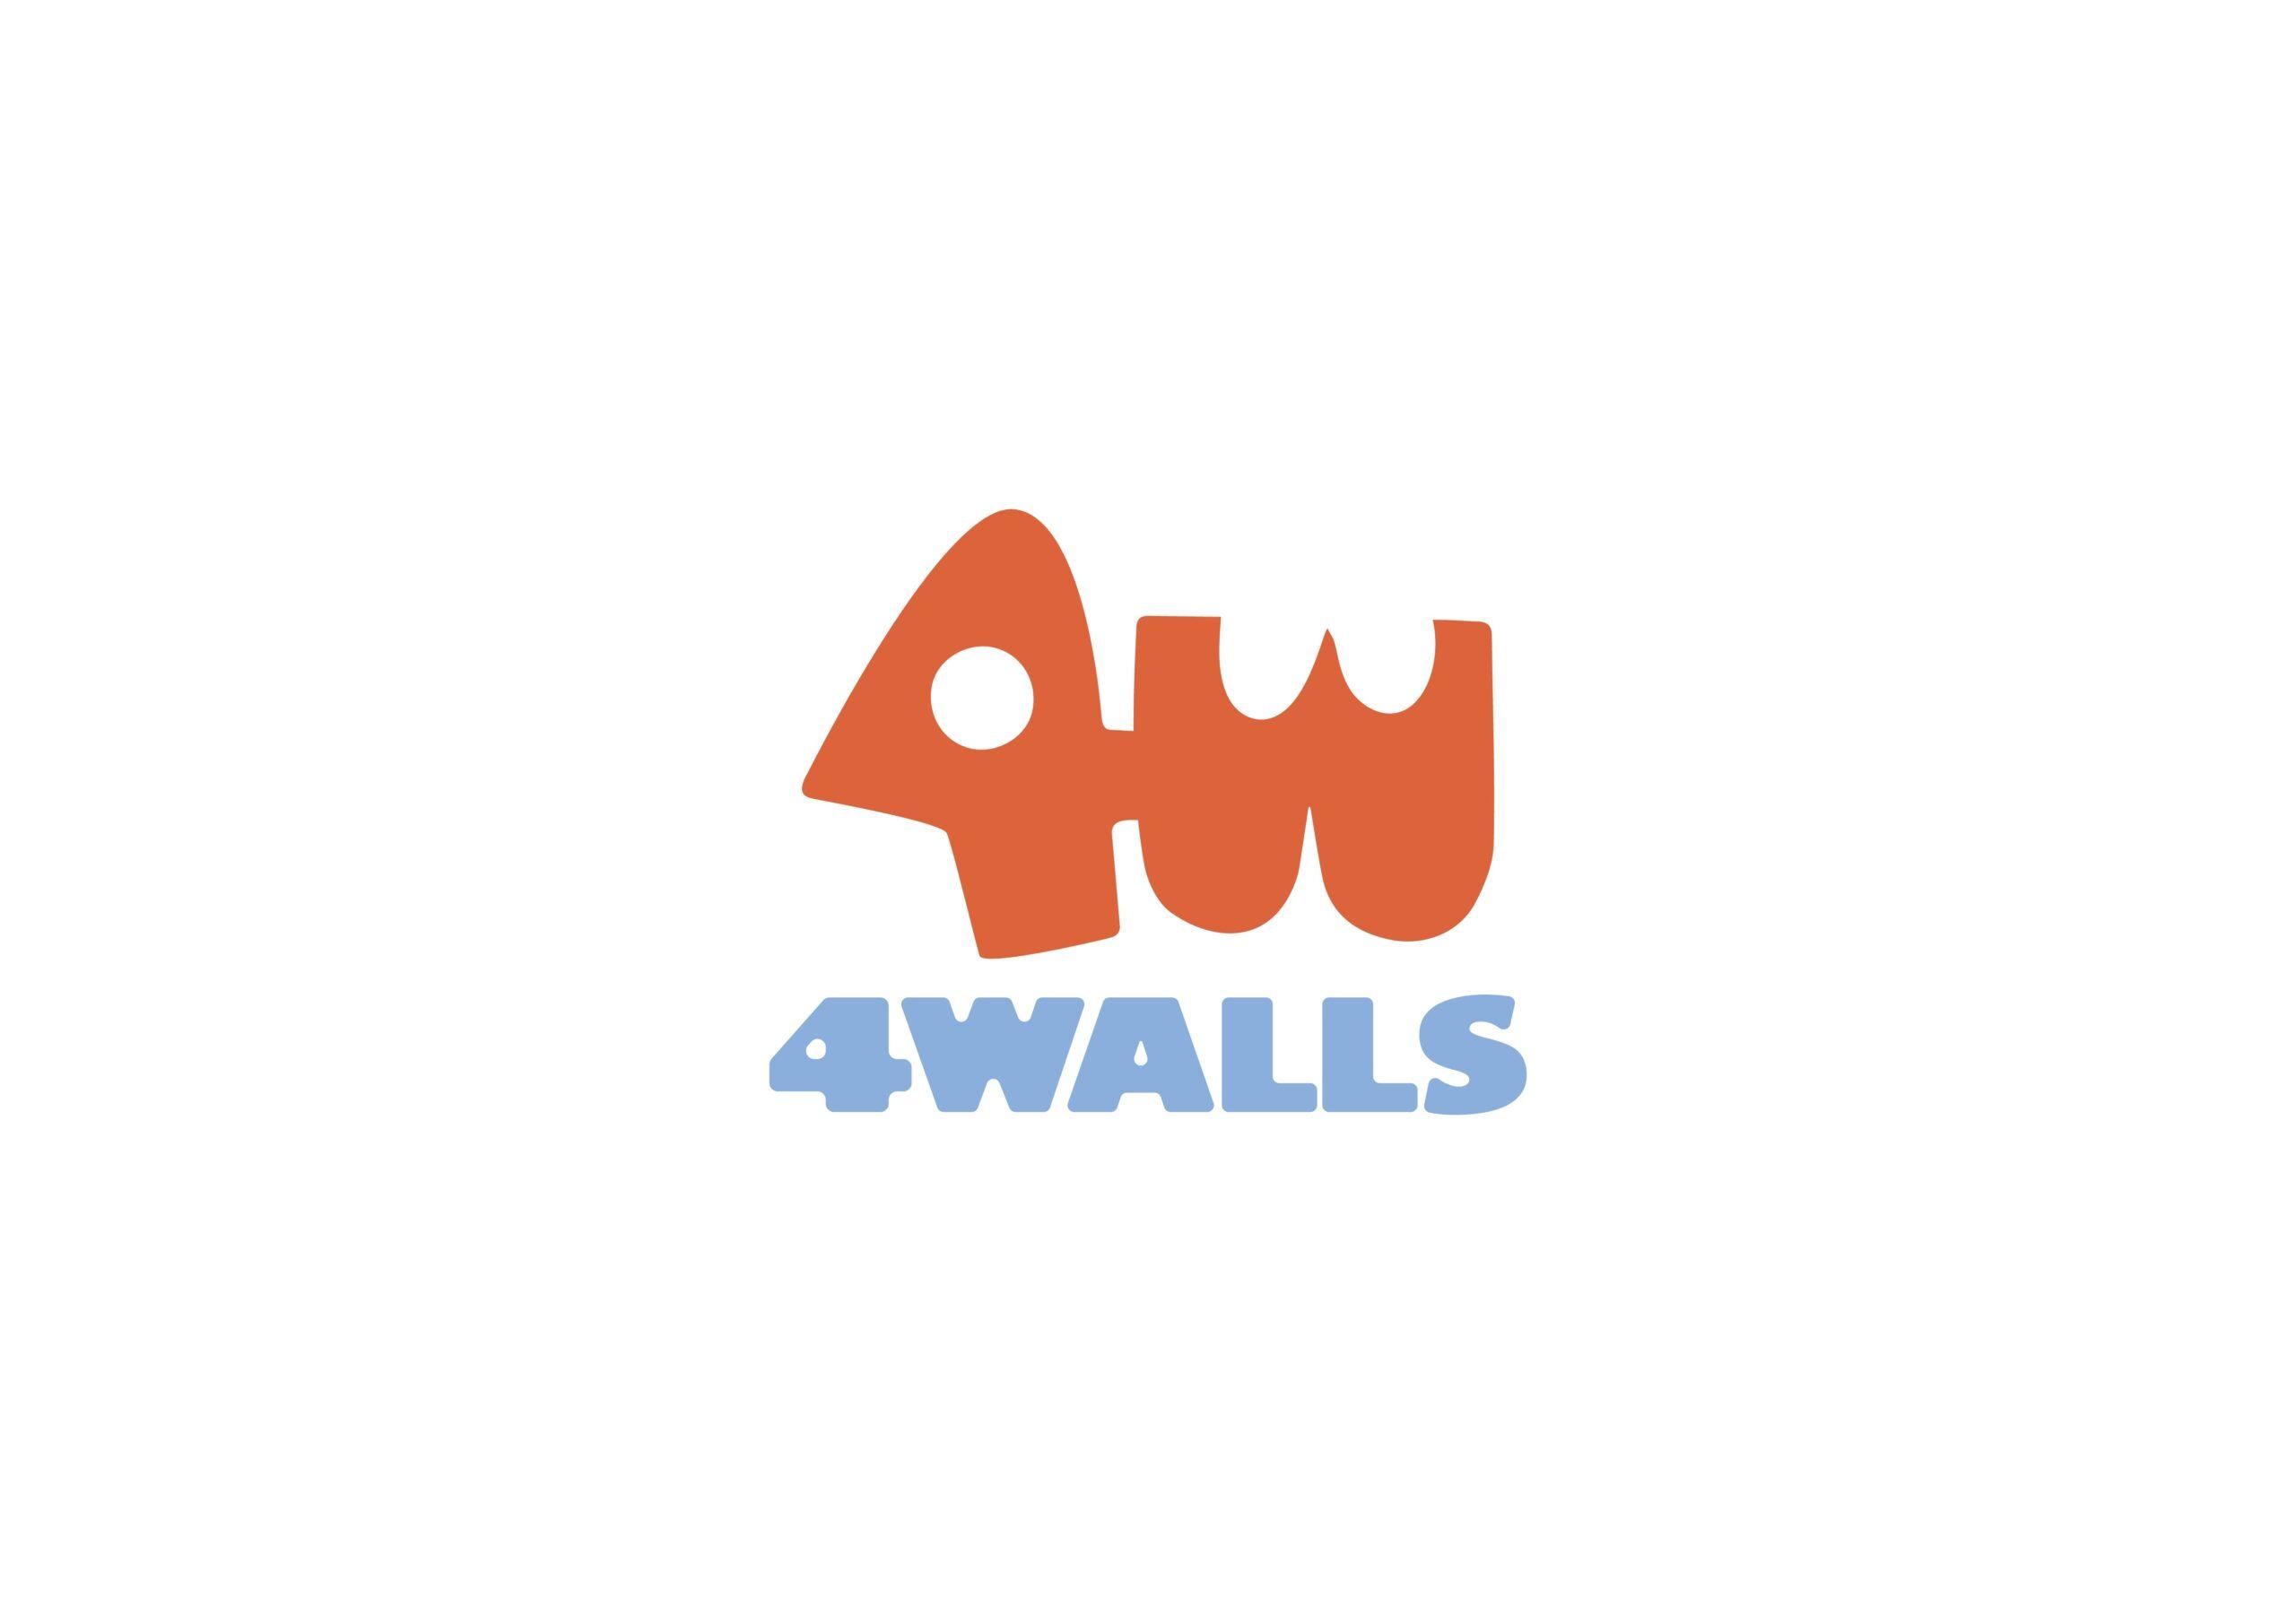 4Walls - Kyra Media